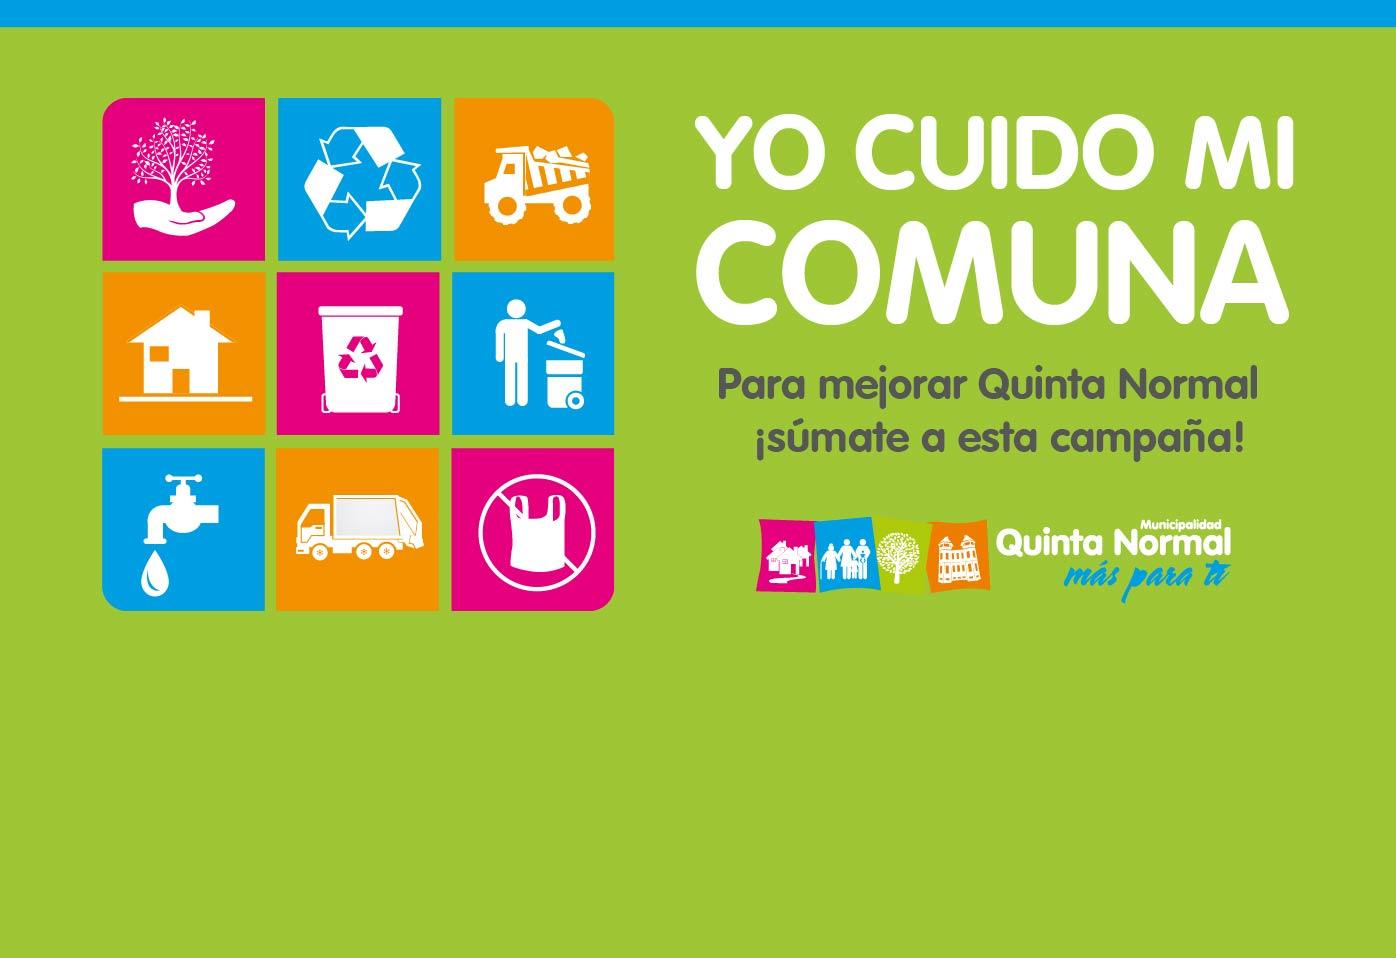 Campaña de Medio Ambiente